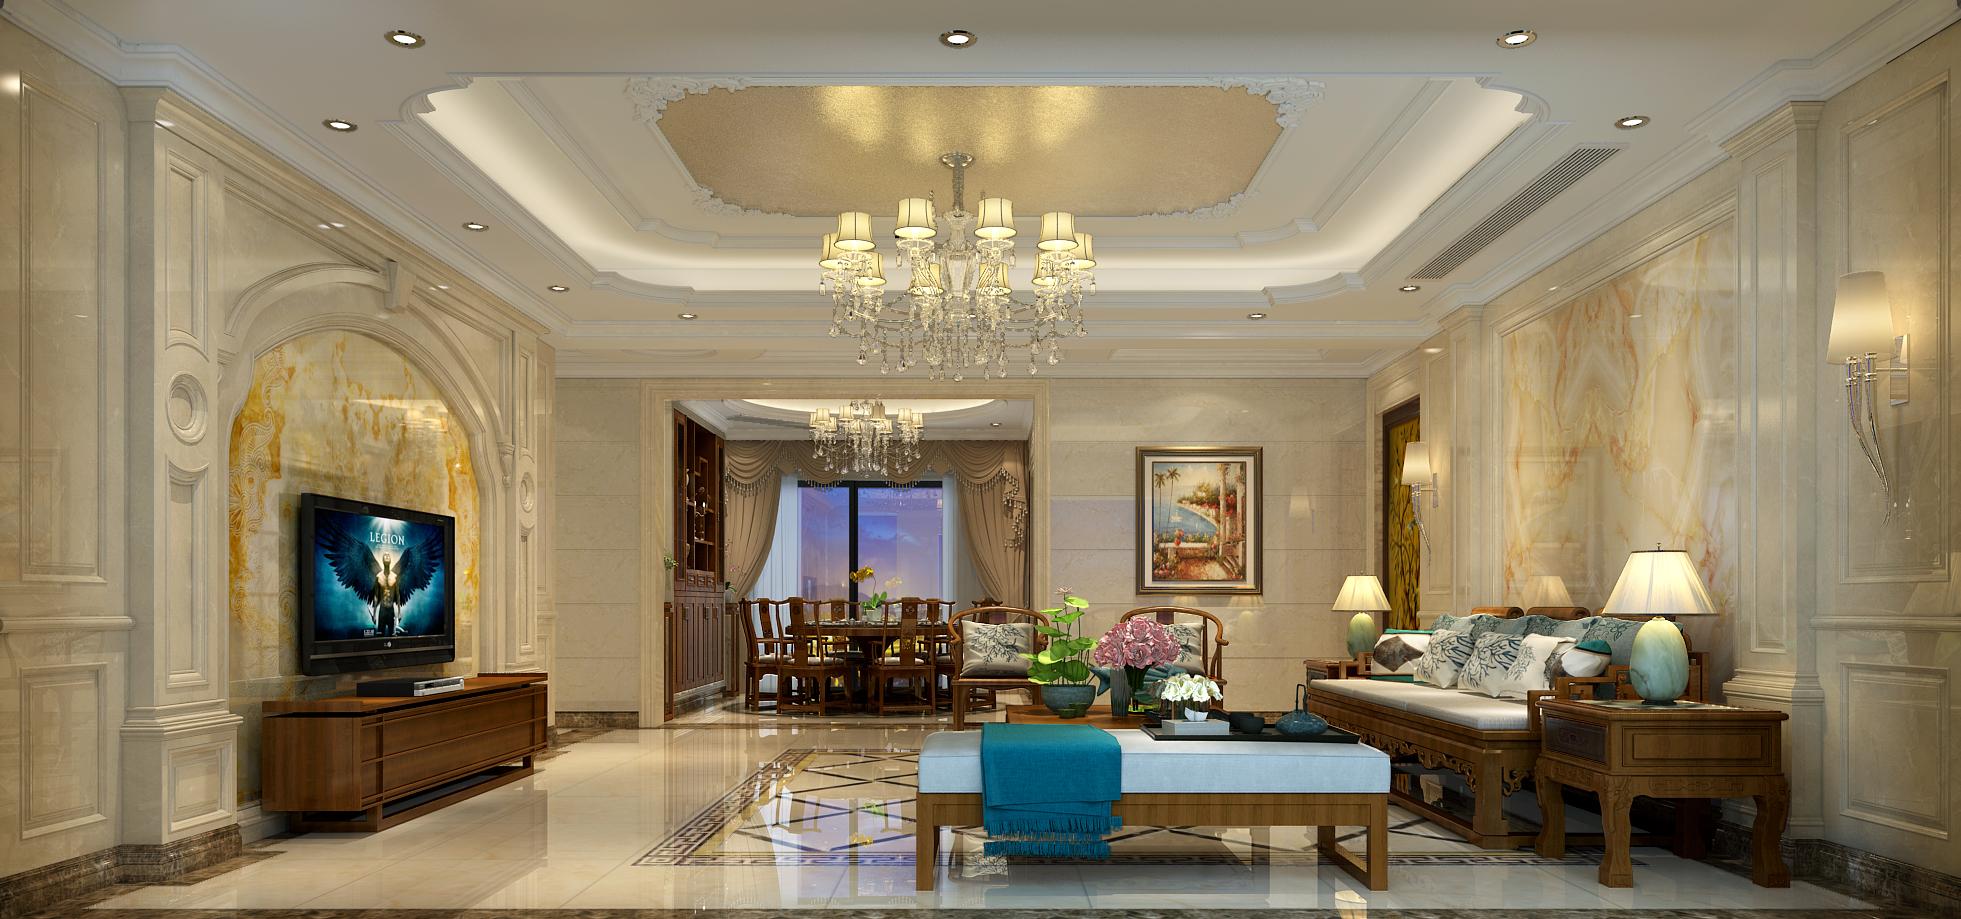 大户型豪华欧式风格客厅装修效果图